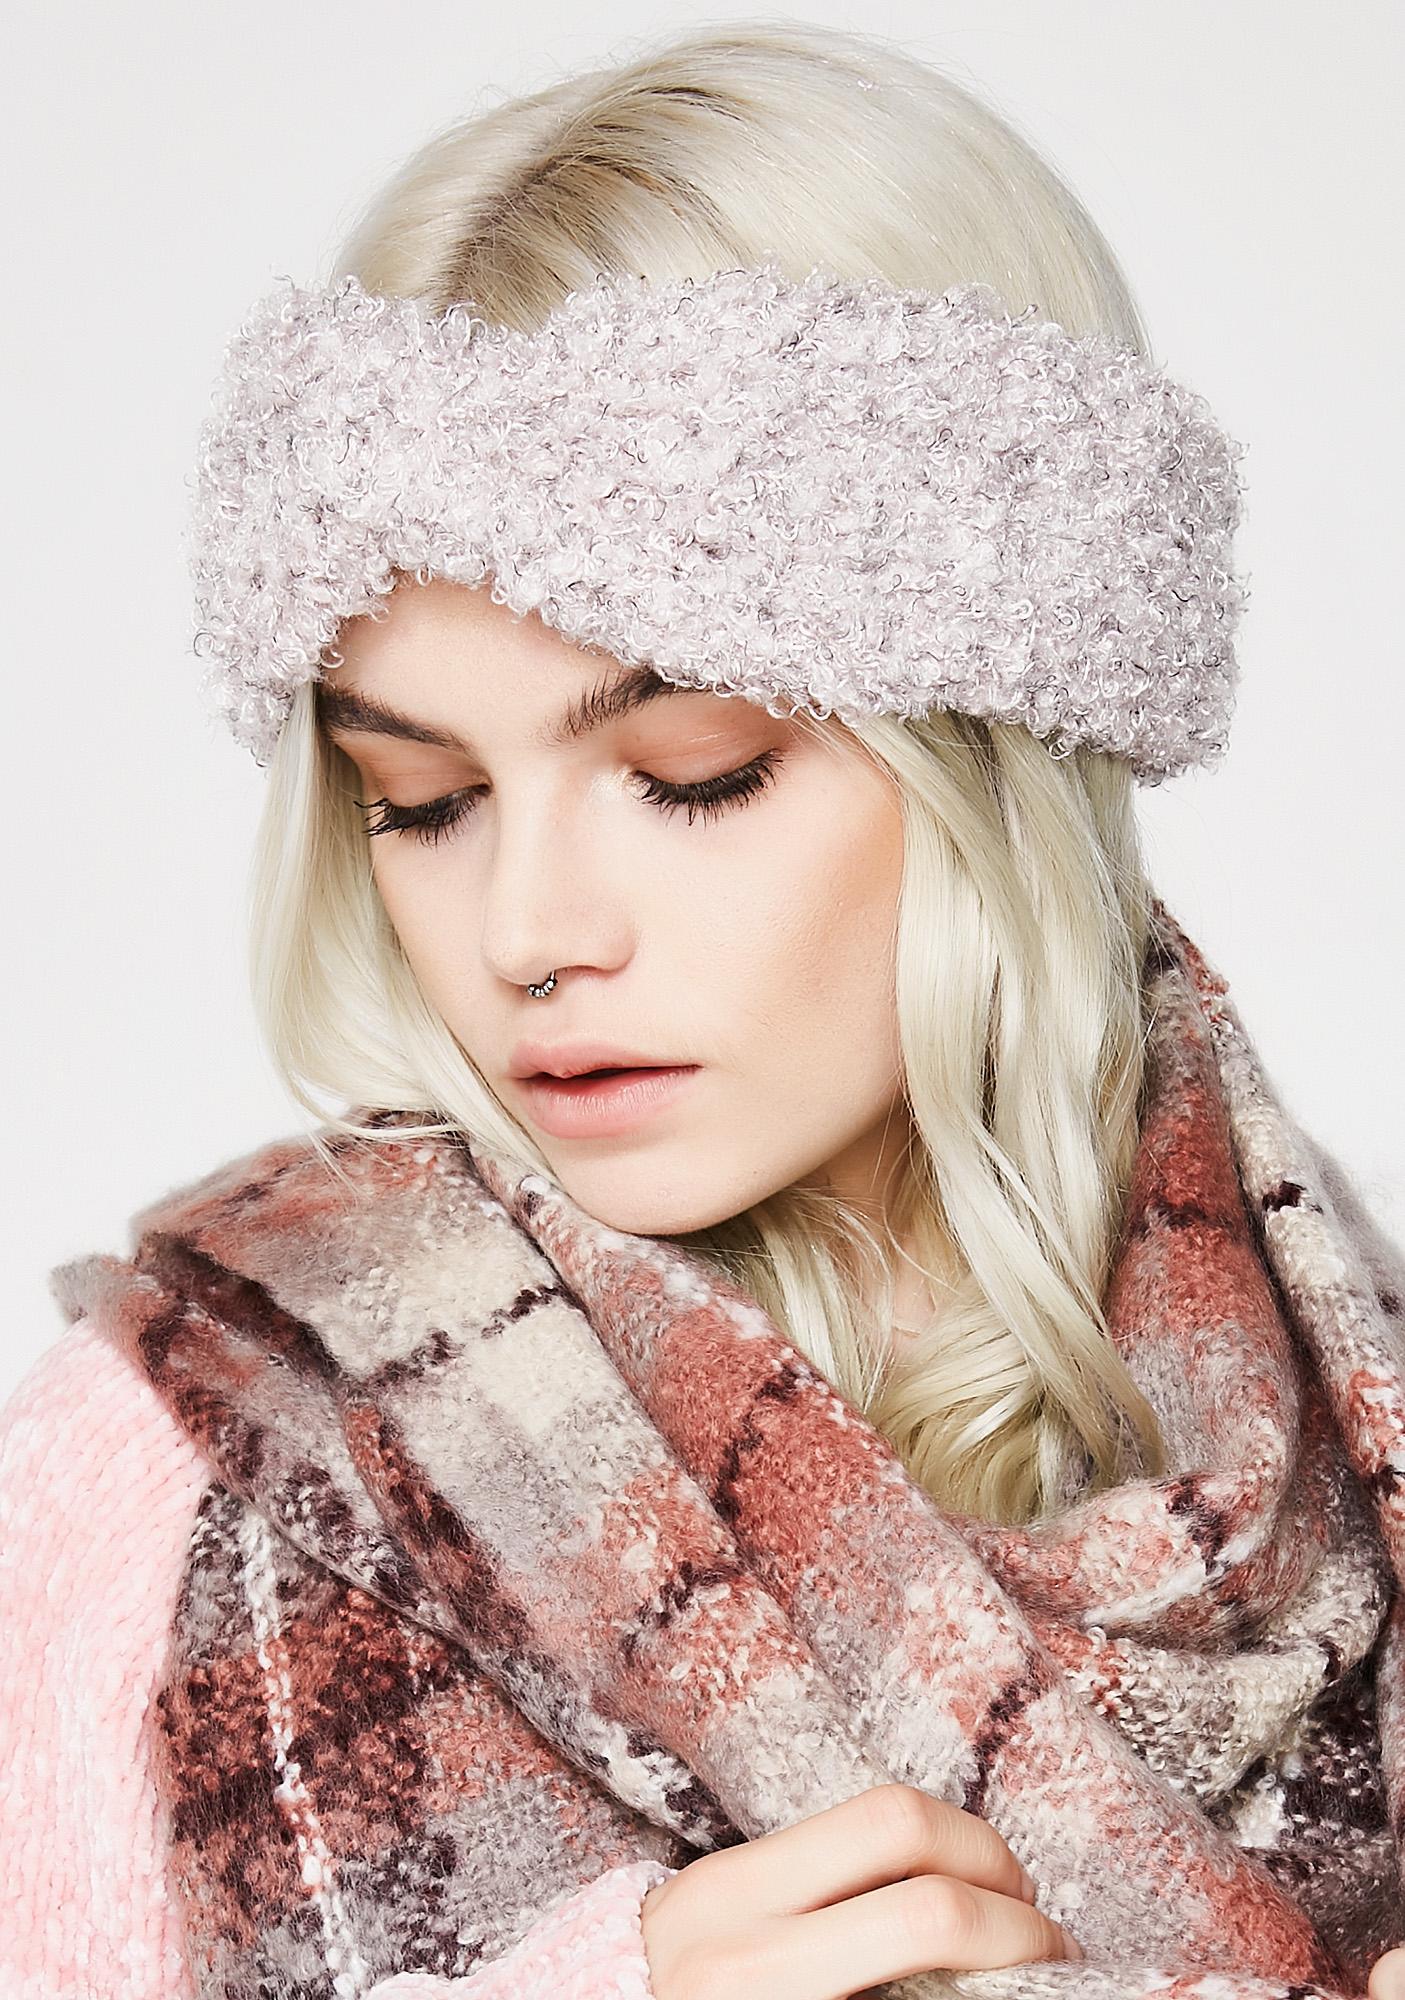 Blush Toasted Fuzzy Headband